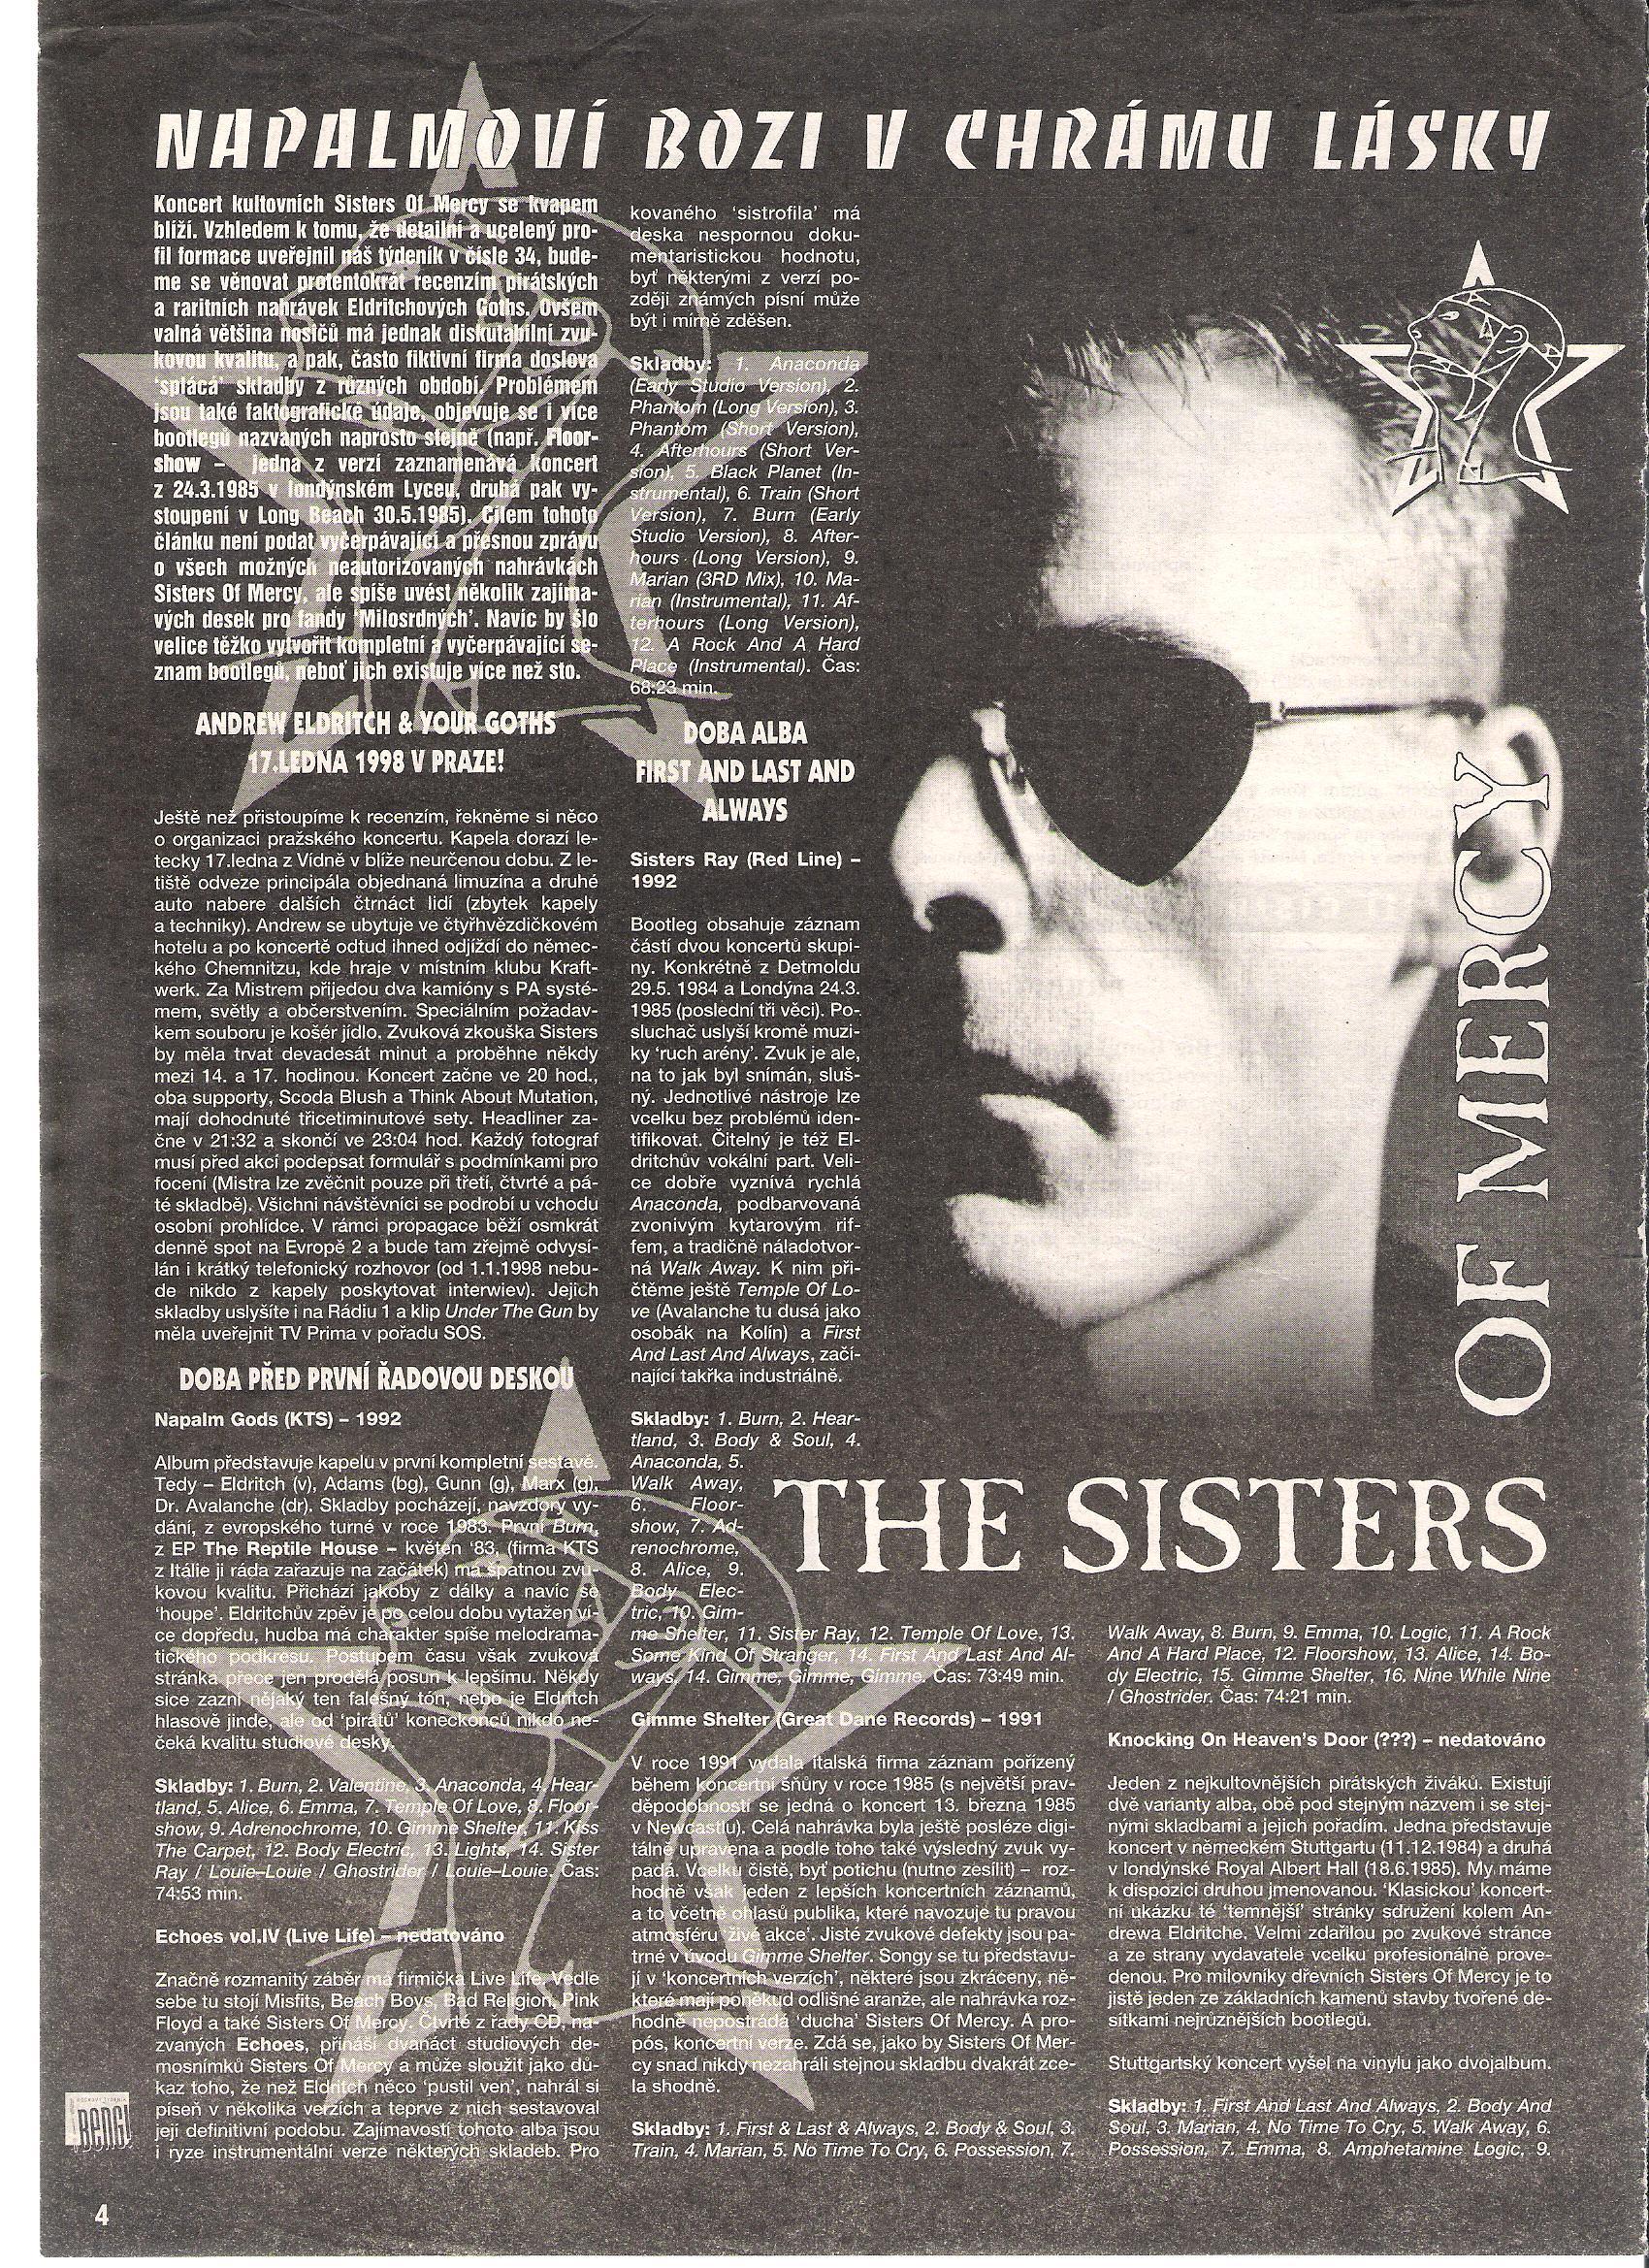 retro_nb_sisters